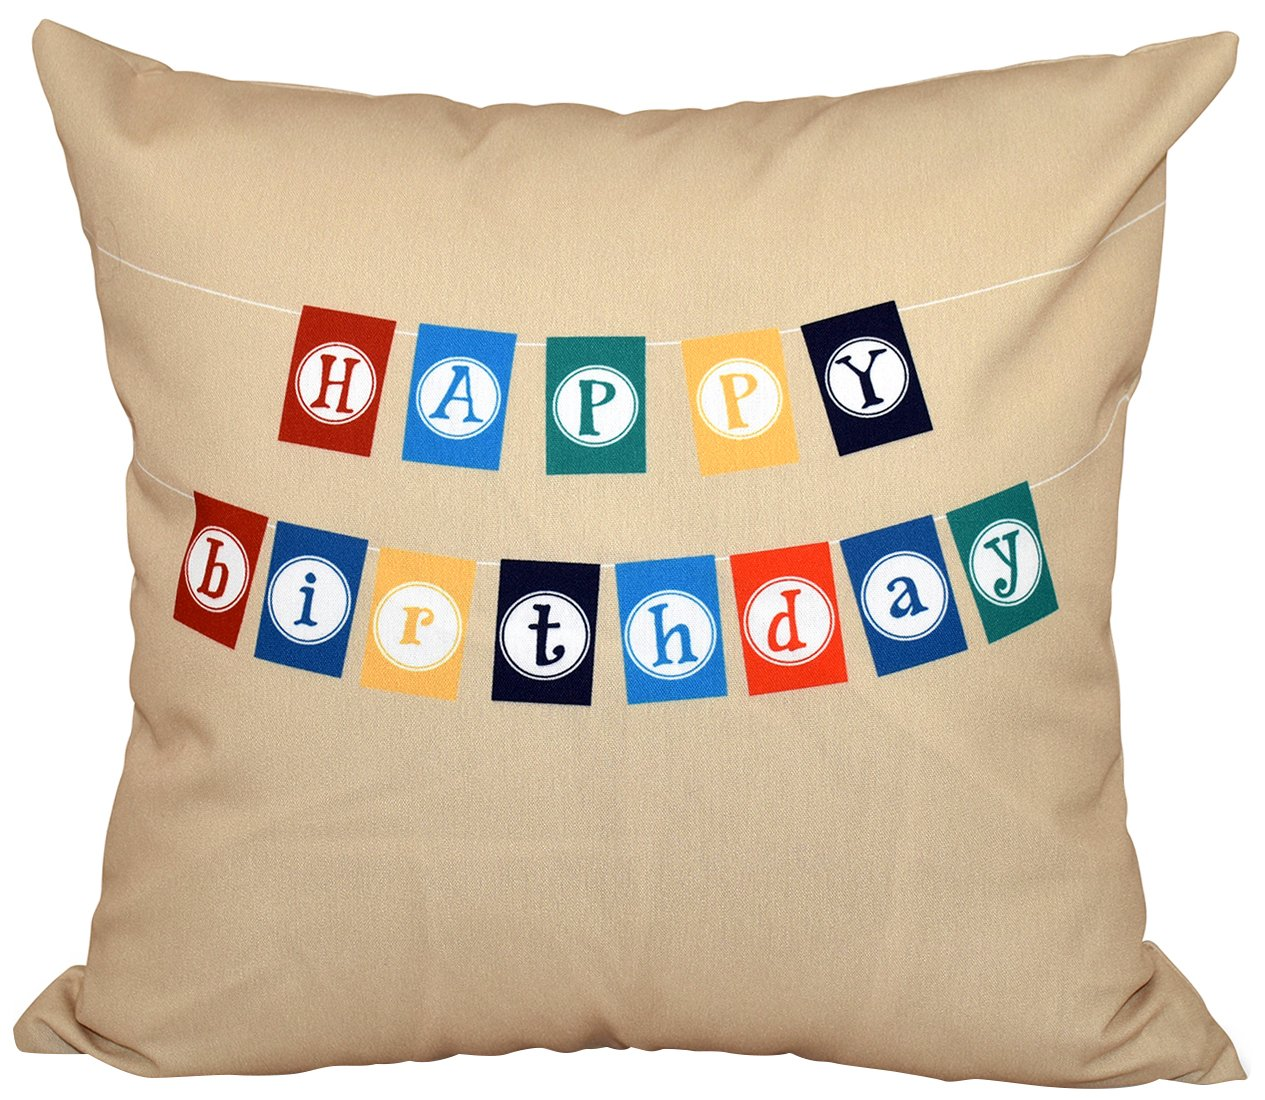 E by design O5PWHN527TA9-20 Printed Outdoor Pillow